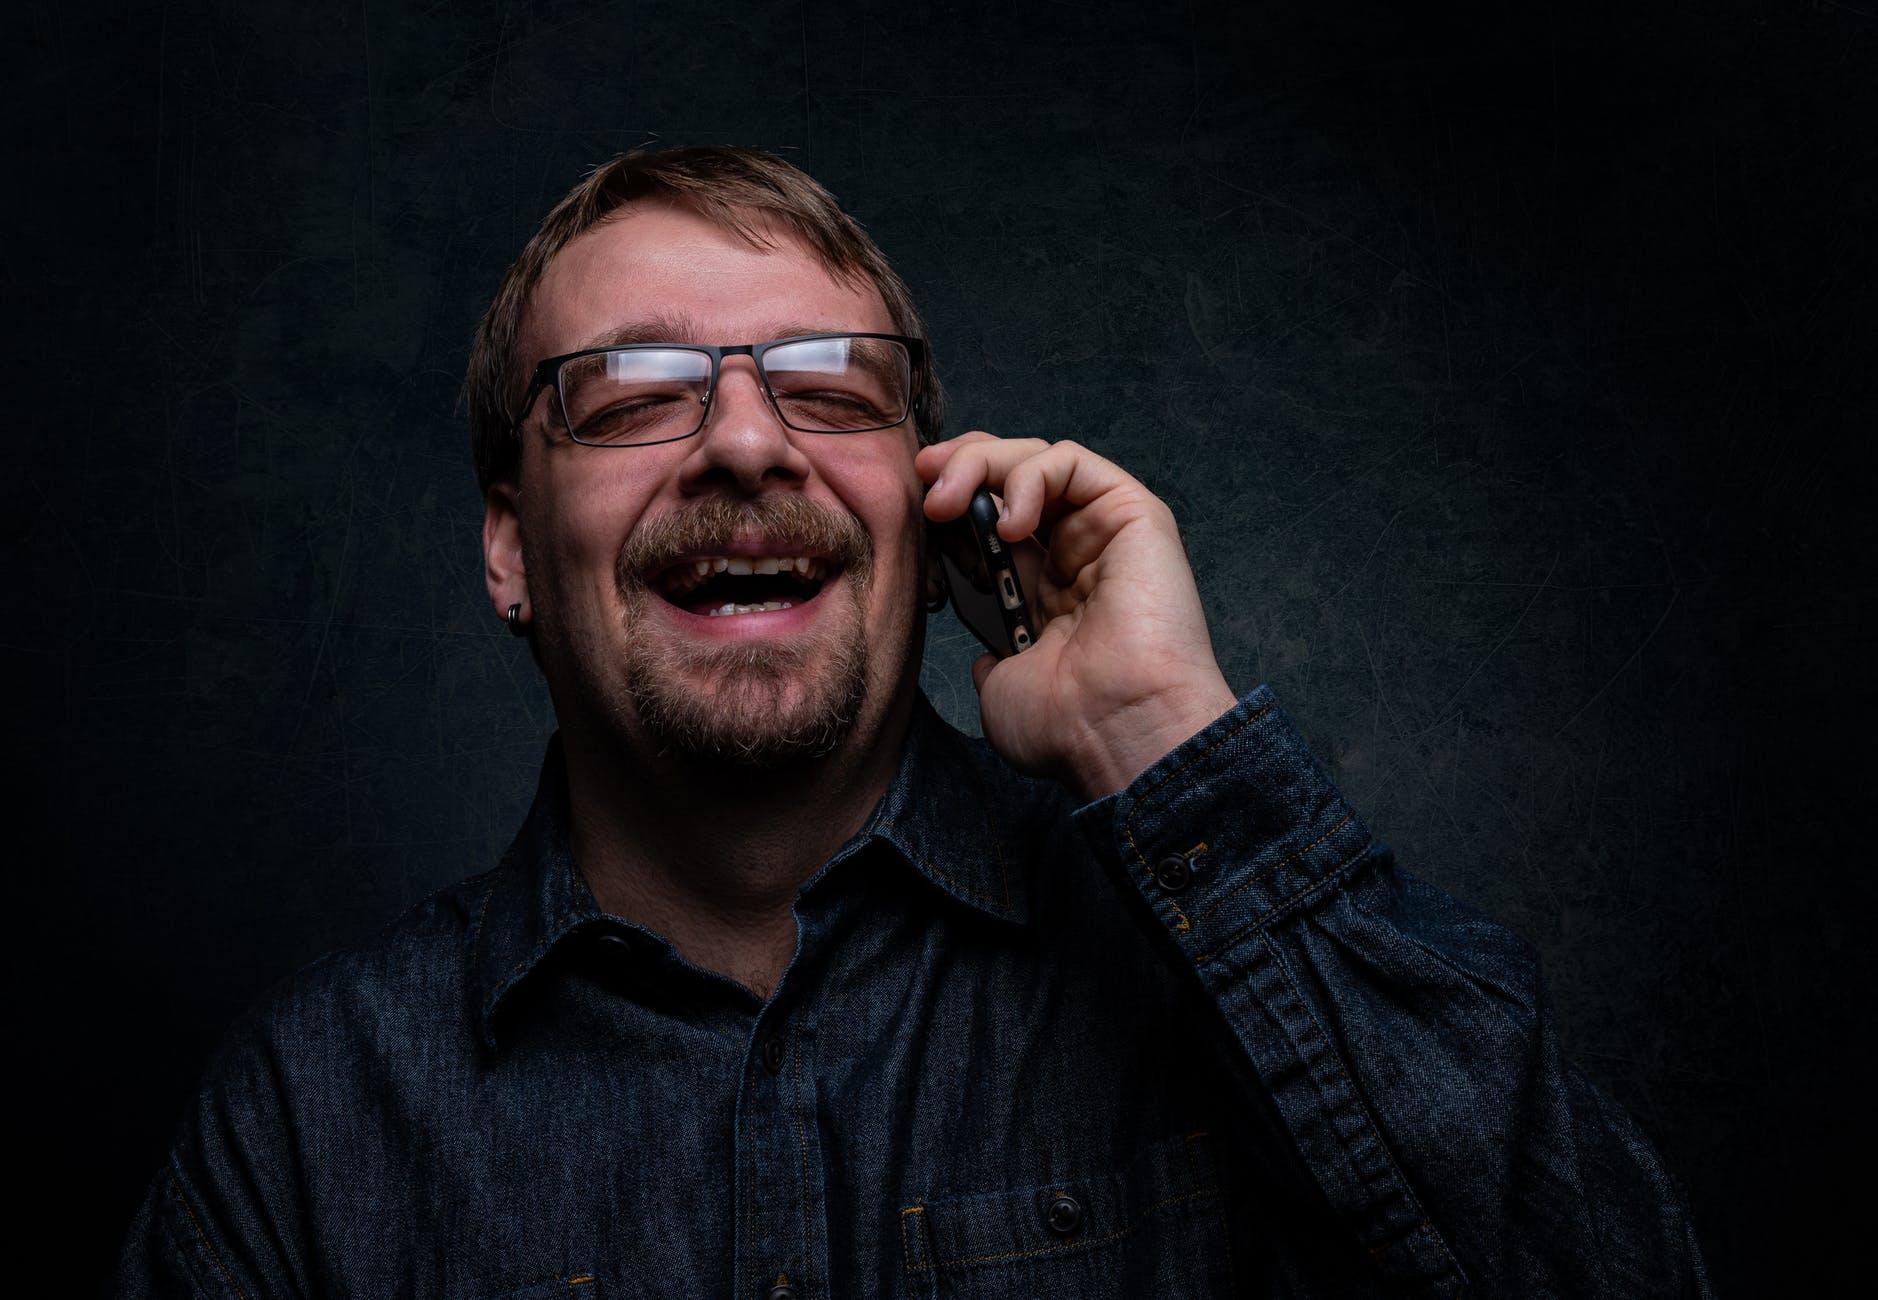 Pet razloga zašto je smijeh dobar za zdravlje